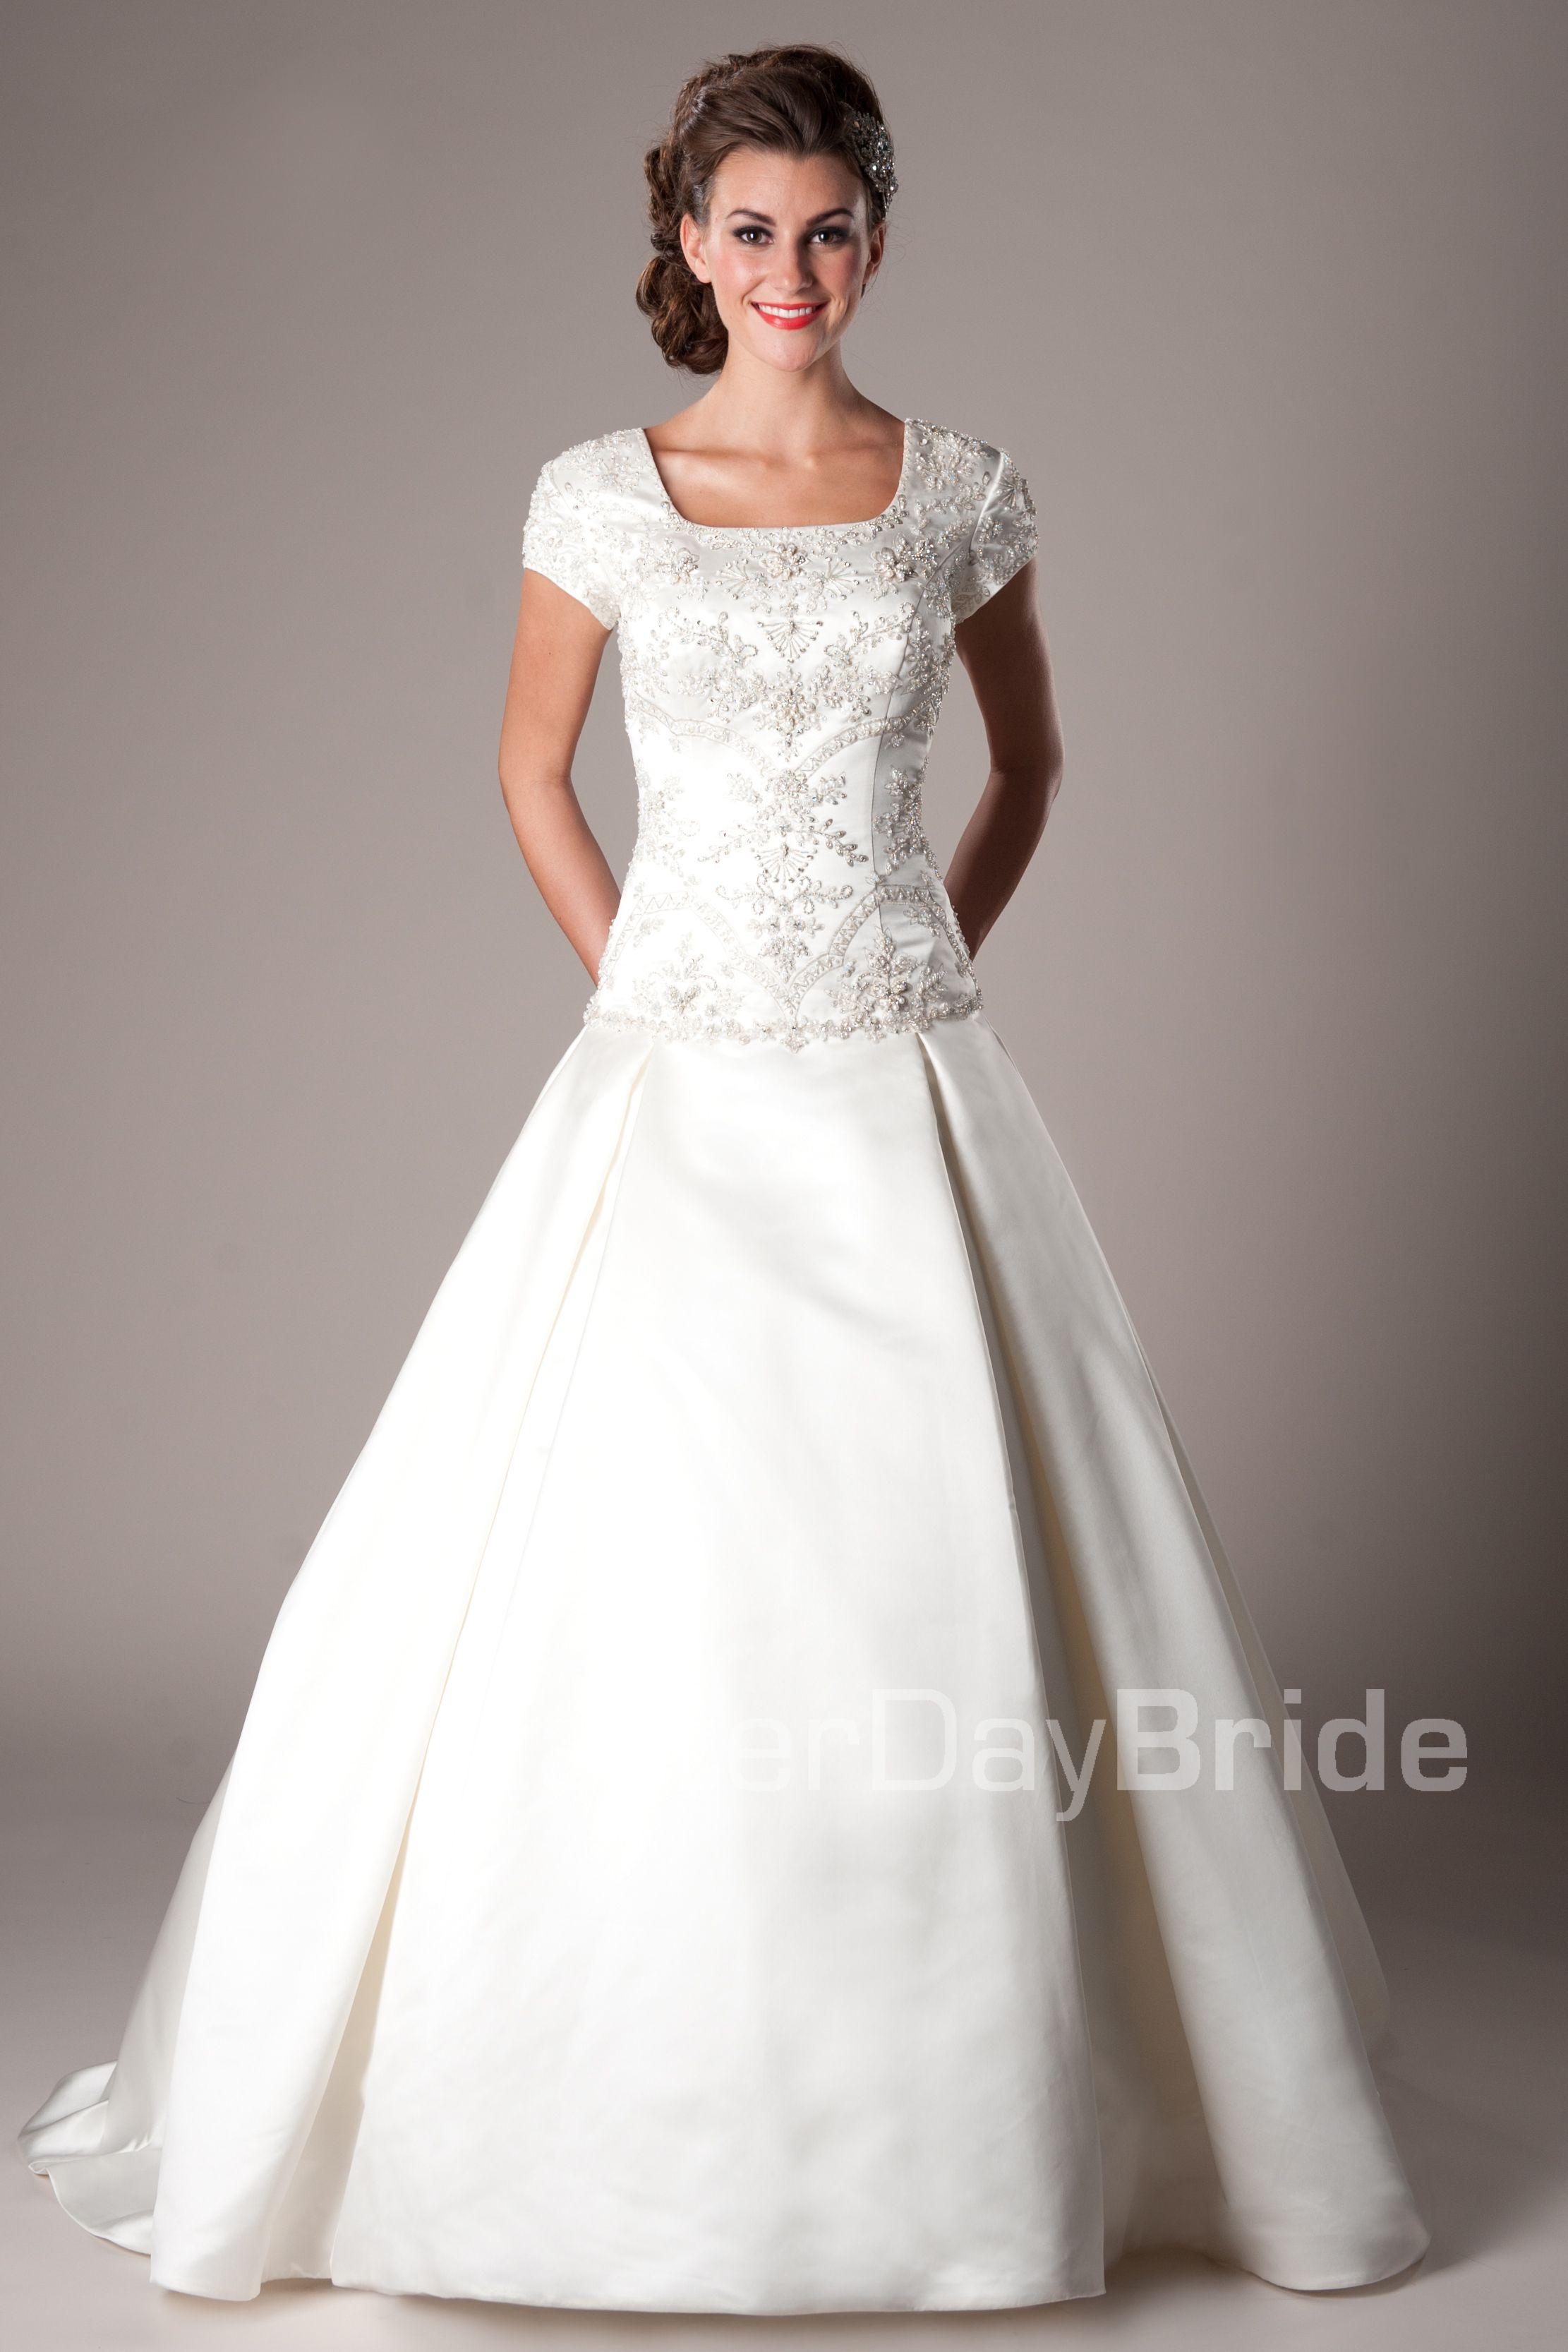 Modest wedding dresses mormon lds temple marriage escalante